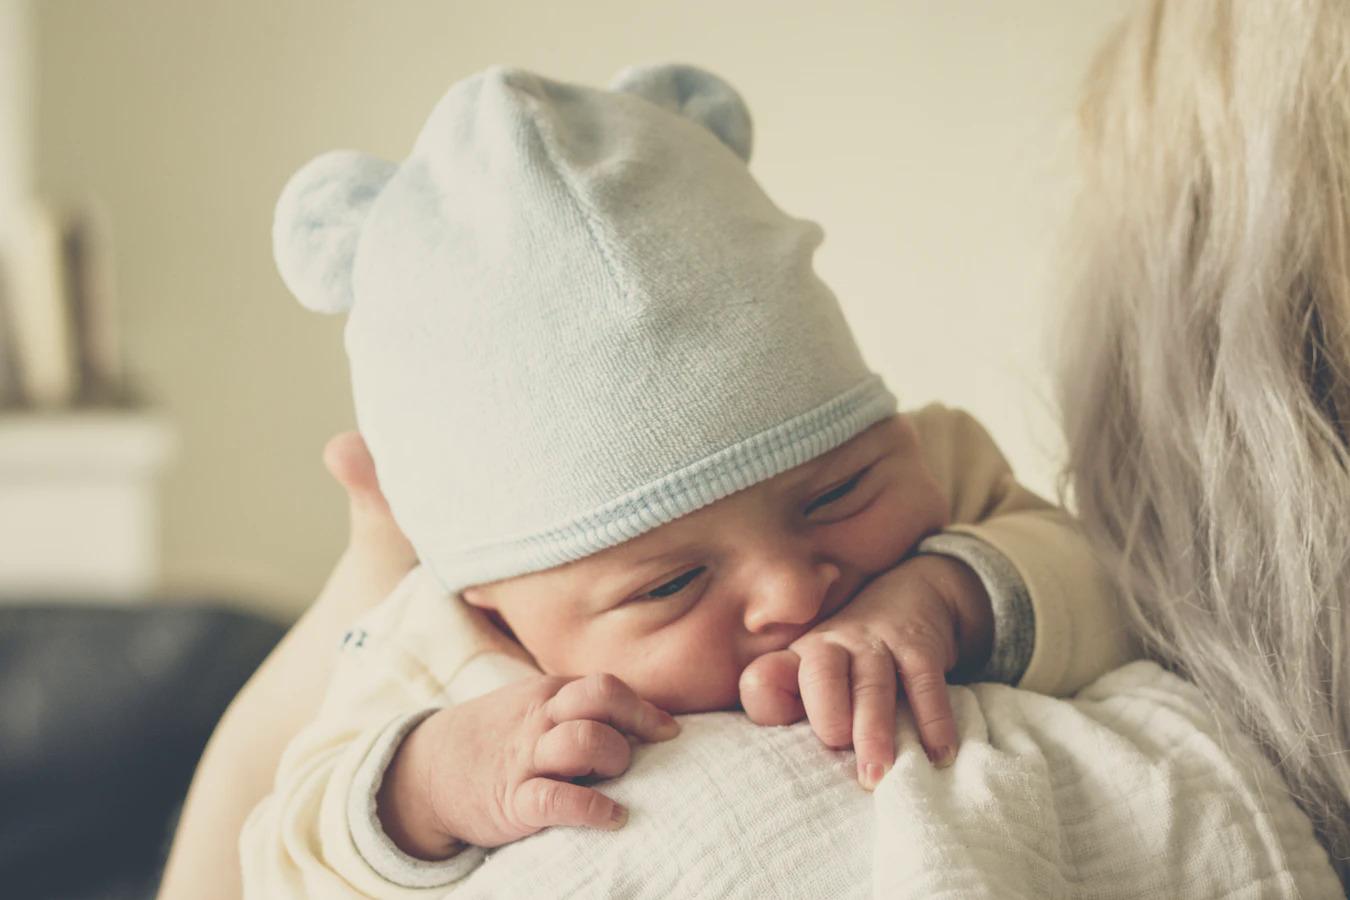 Piedzimis bērns, kuram organismā ir antivielas pret SARS-CoV-2